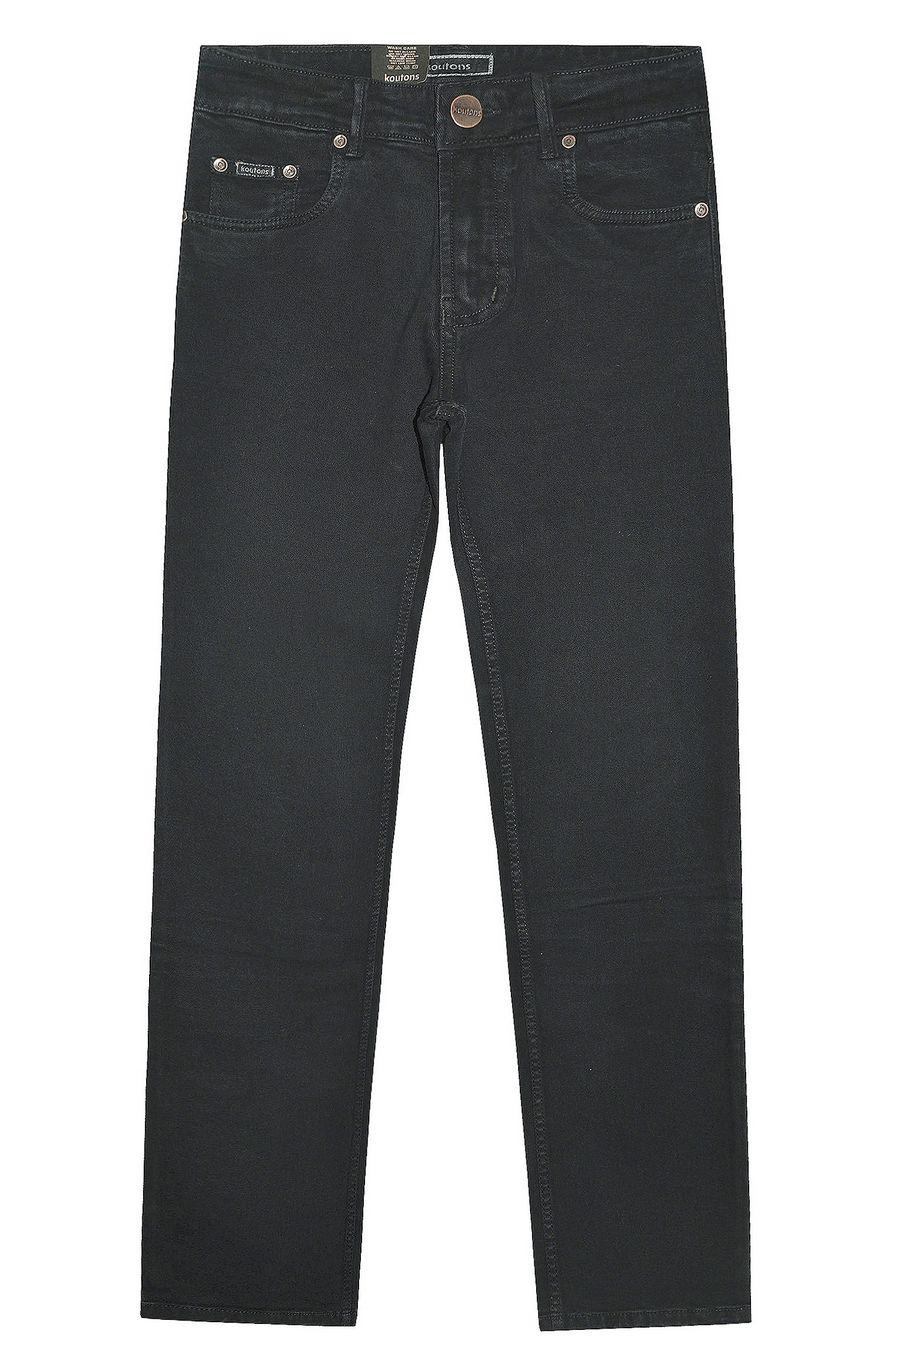 Джинсы мужские Koutons 235-5 Stretch Grey - фото 1